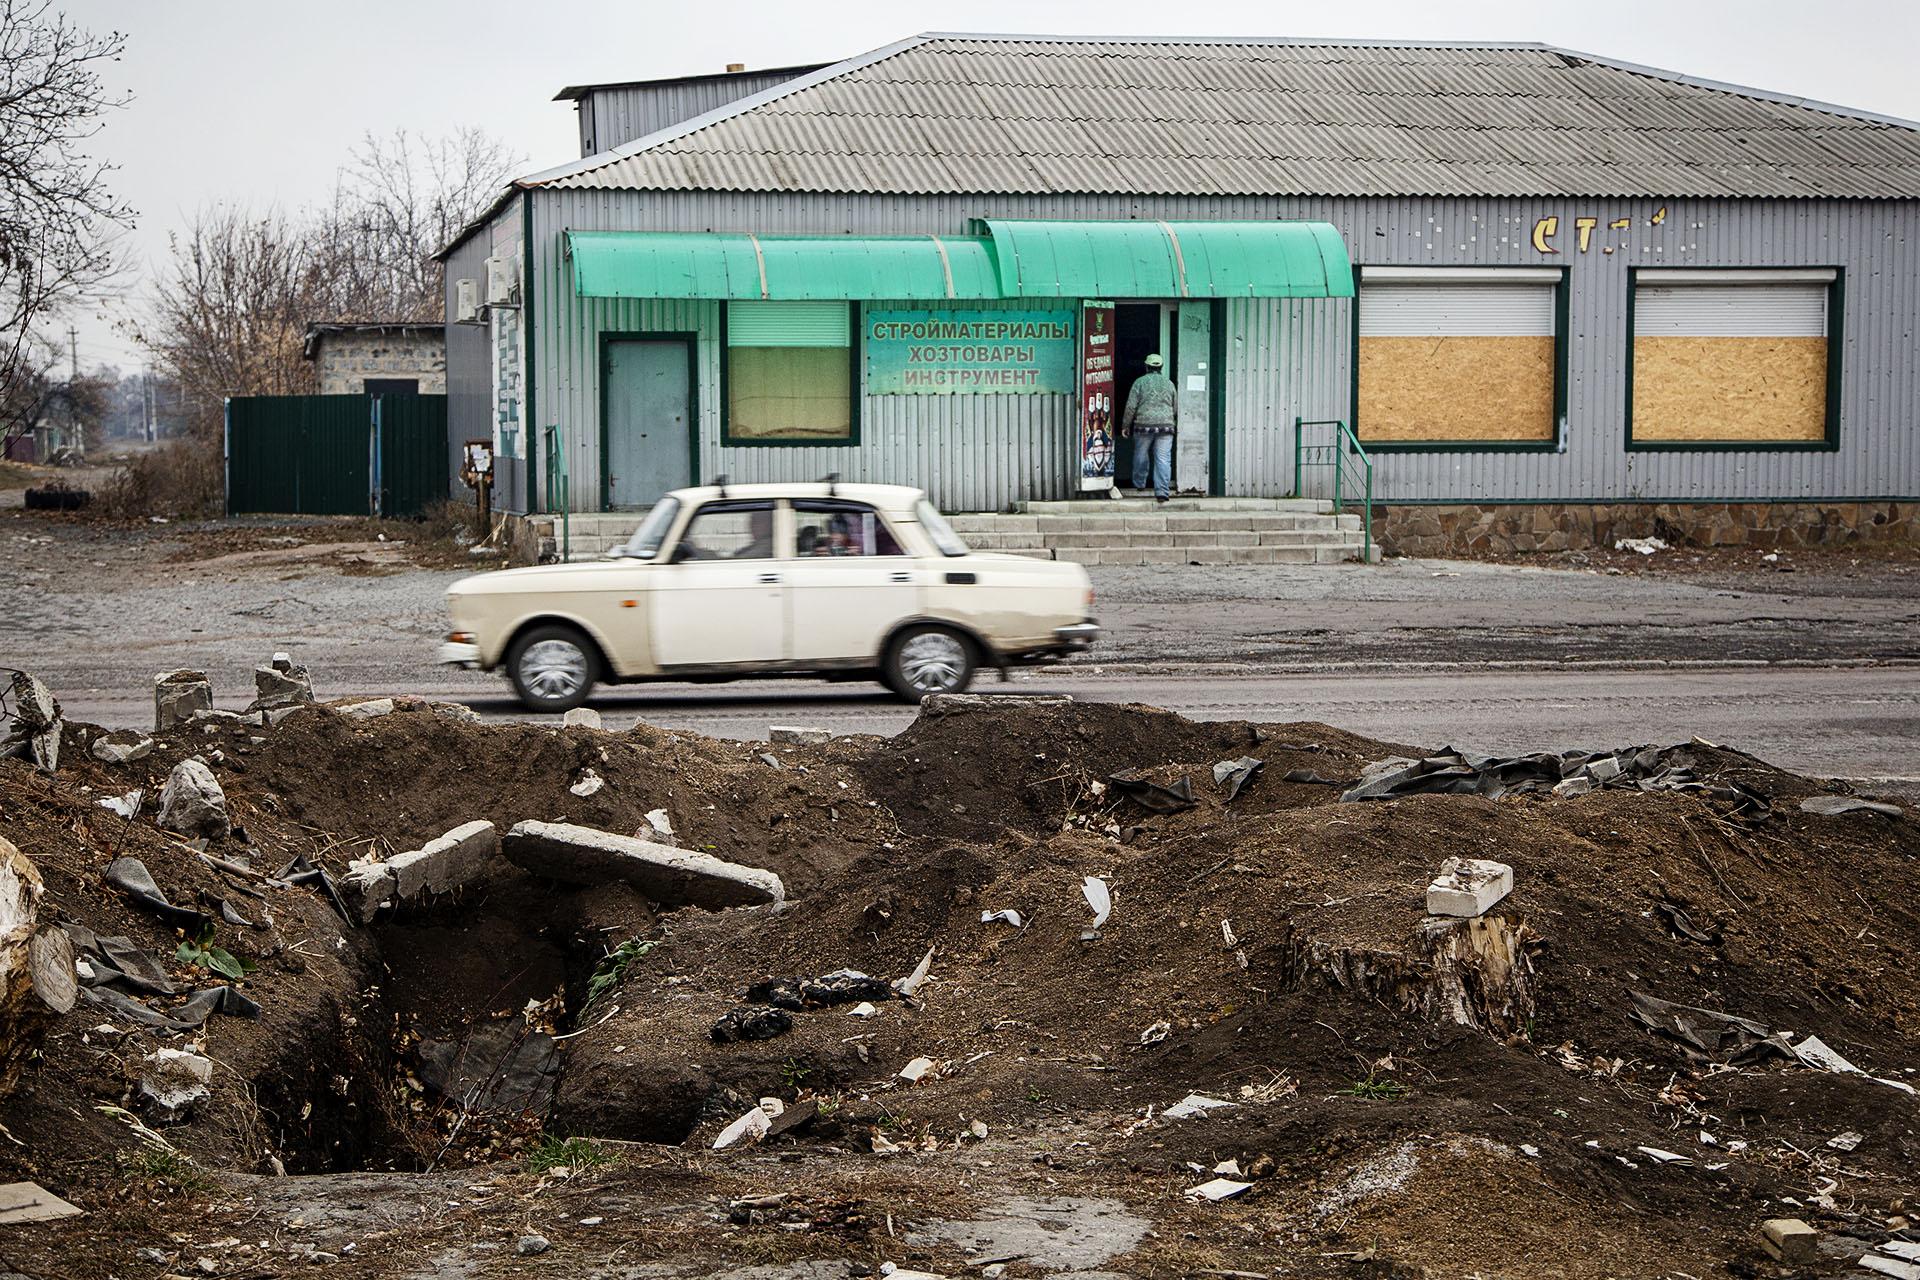 En Ilovaisk, una ciudad próxima a Donetsk, la lucha fue encarnizada